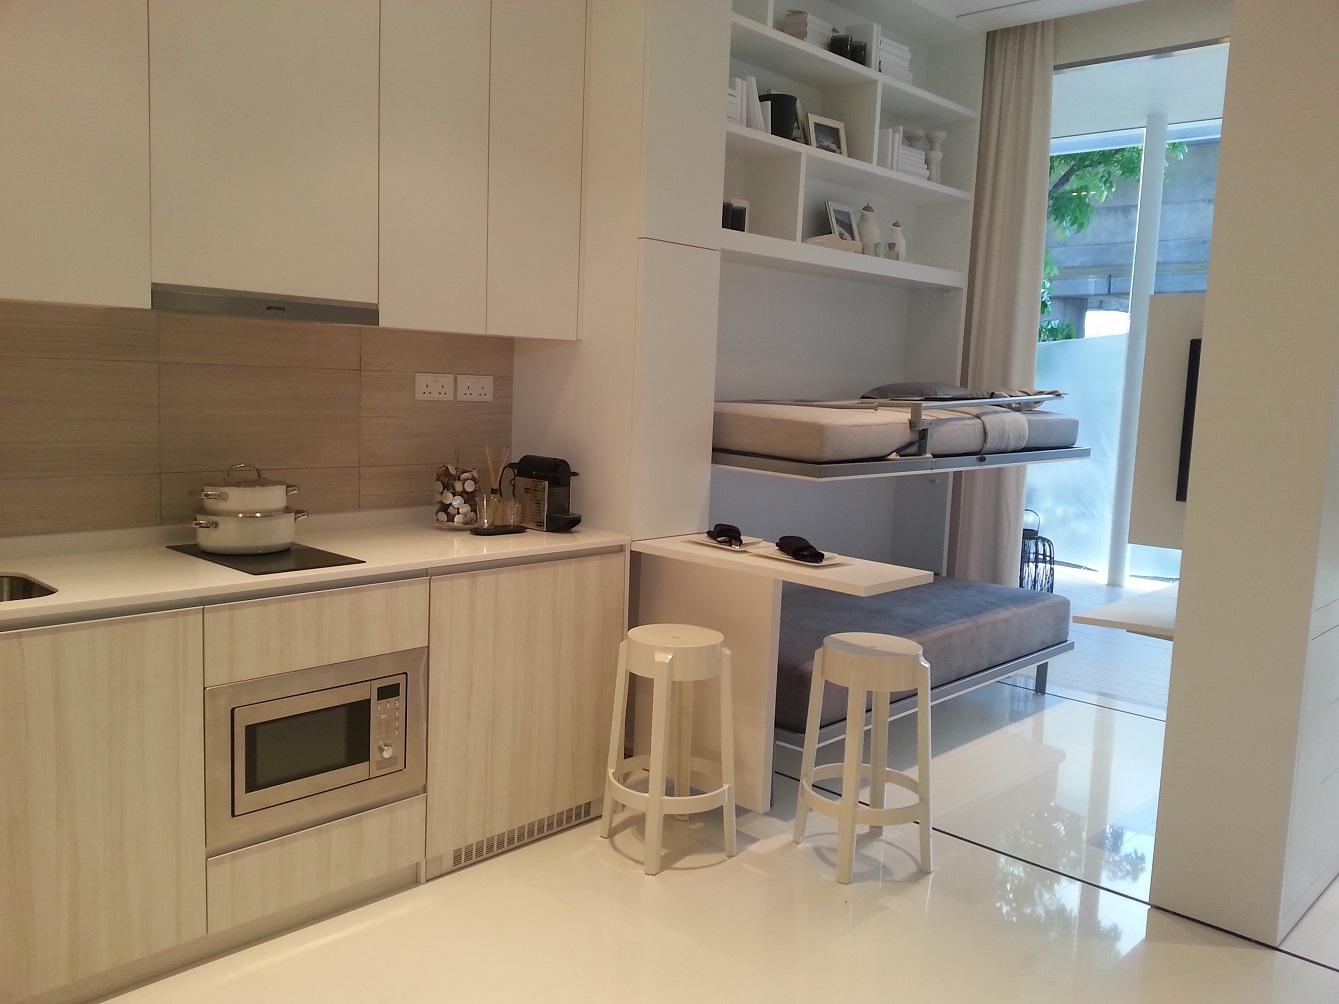 Kitchenette / bedroom perspective